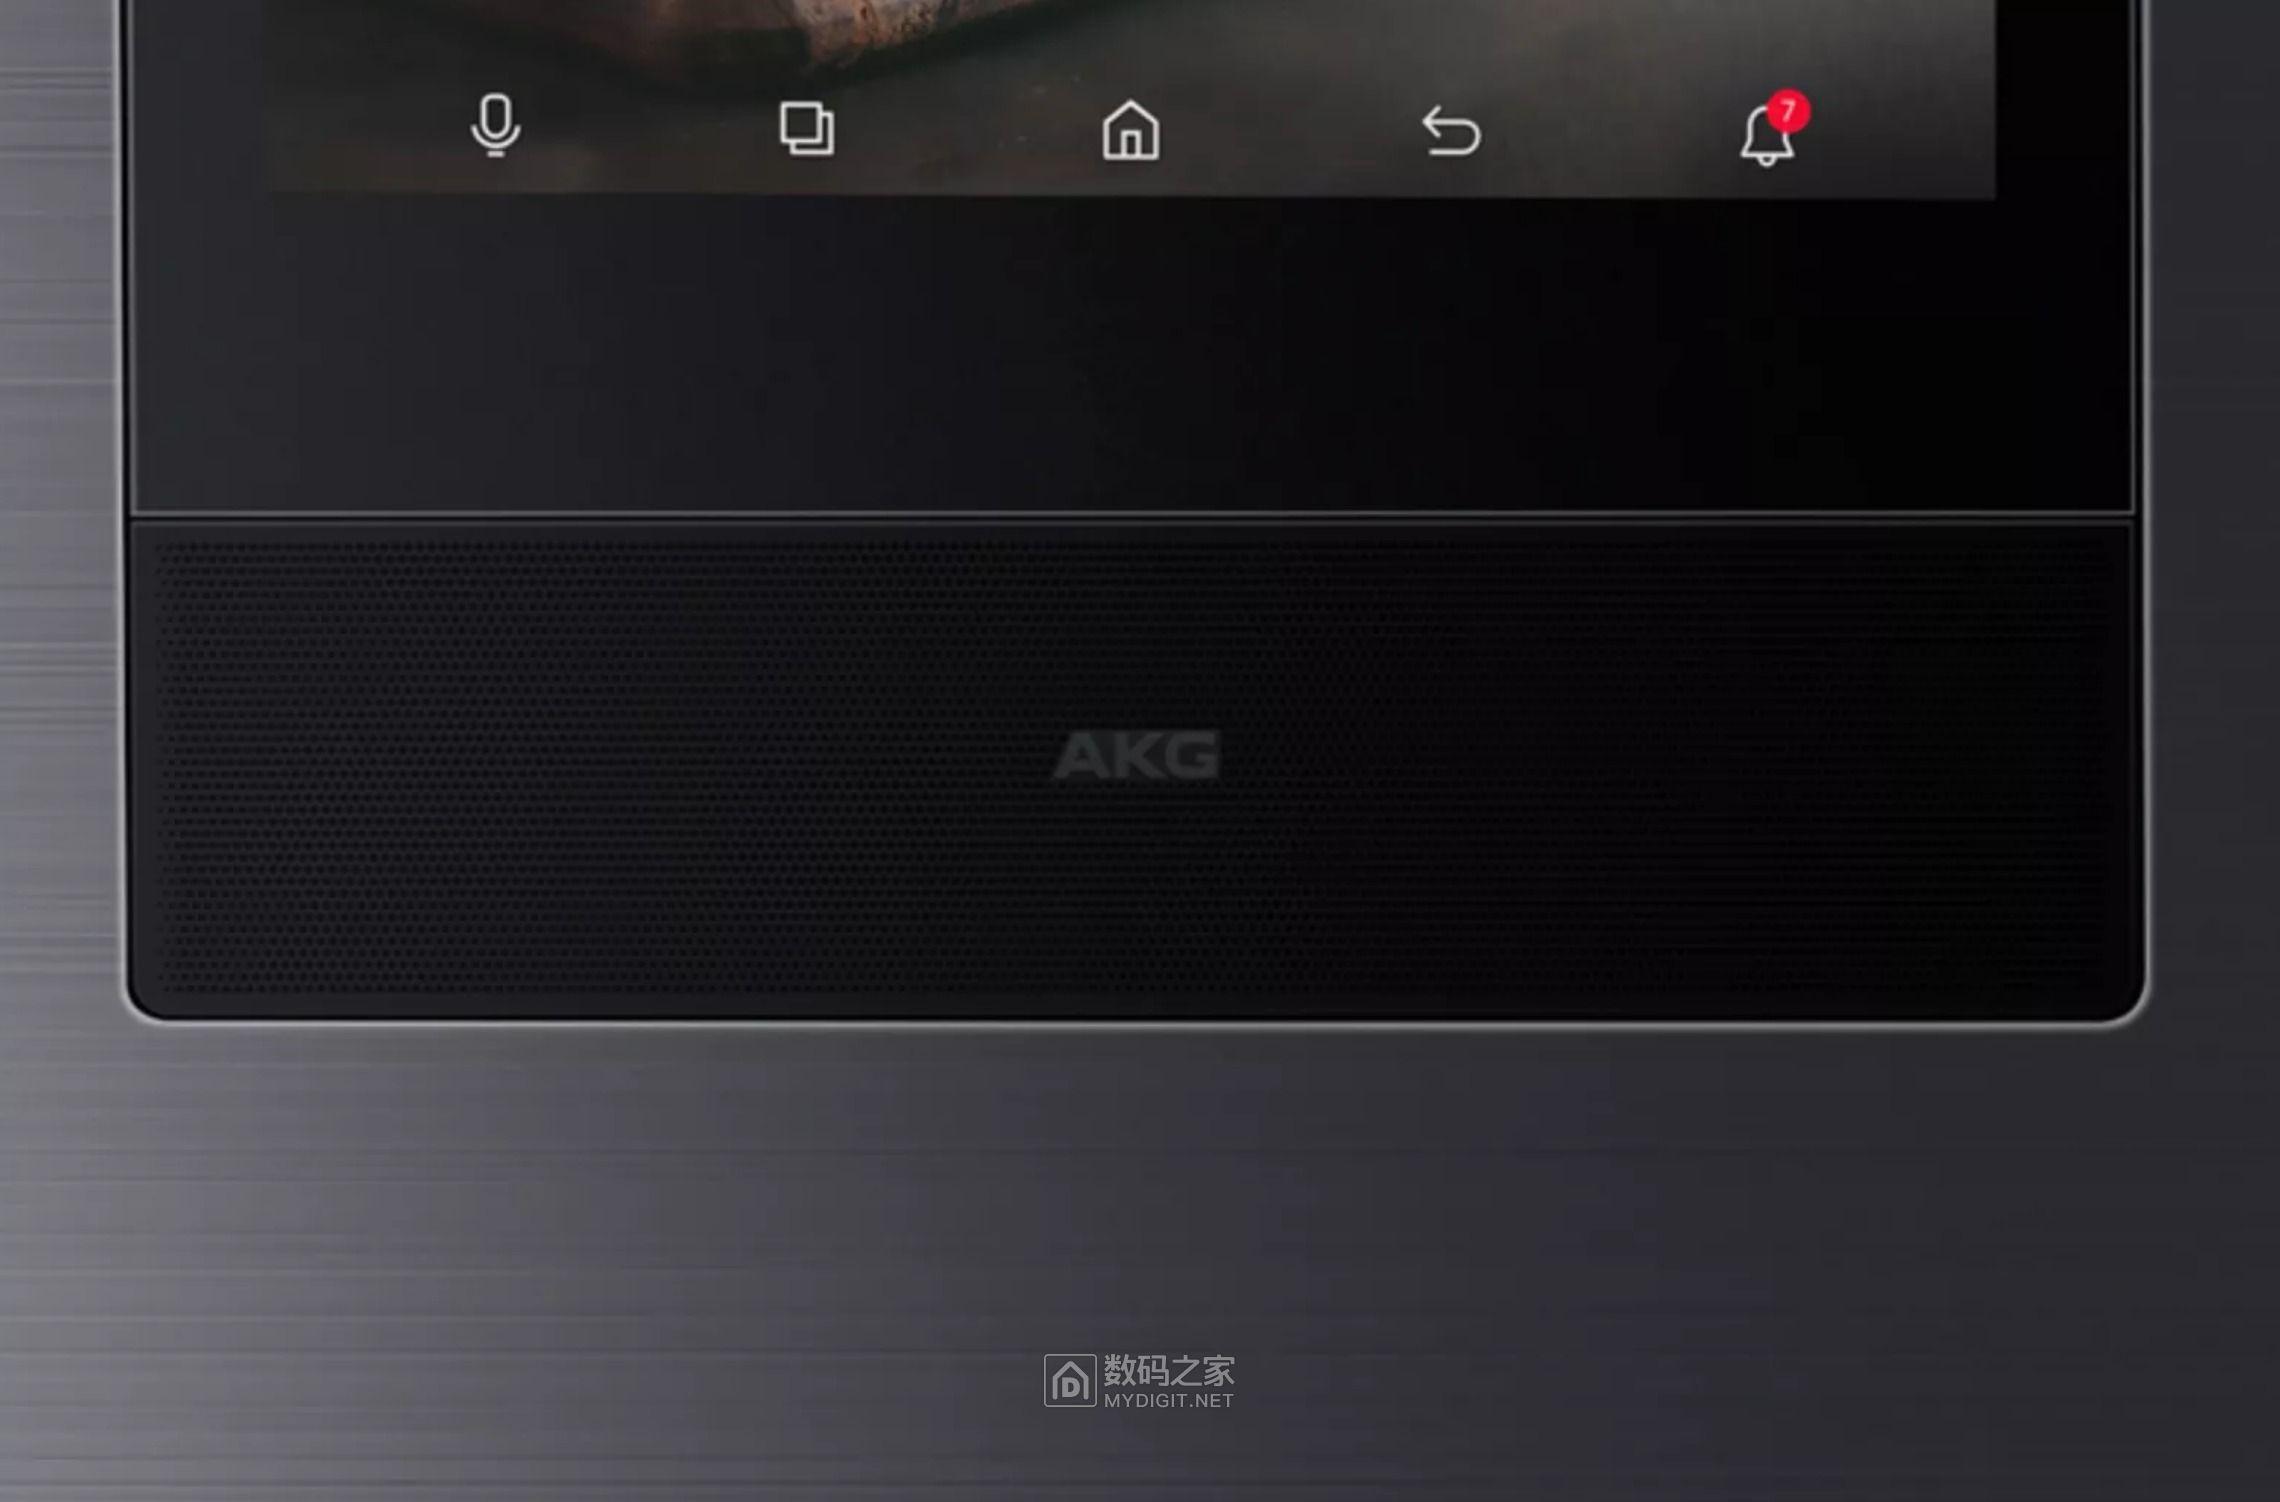 2018款三星Family Hub冰箱发布:加强版Bixby+AKG音响+物联网